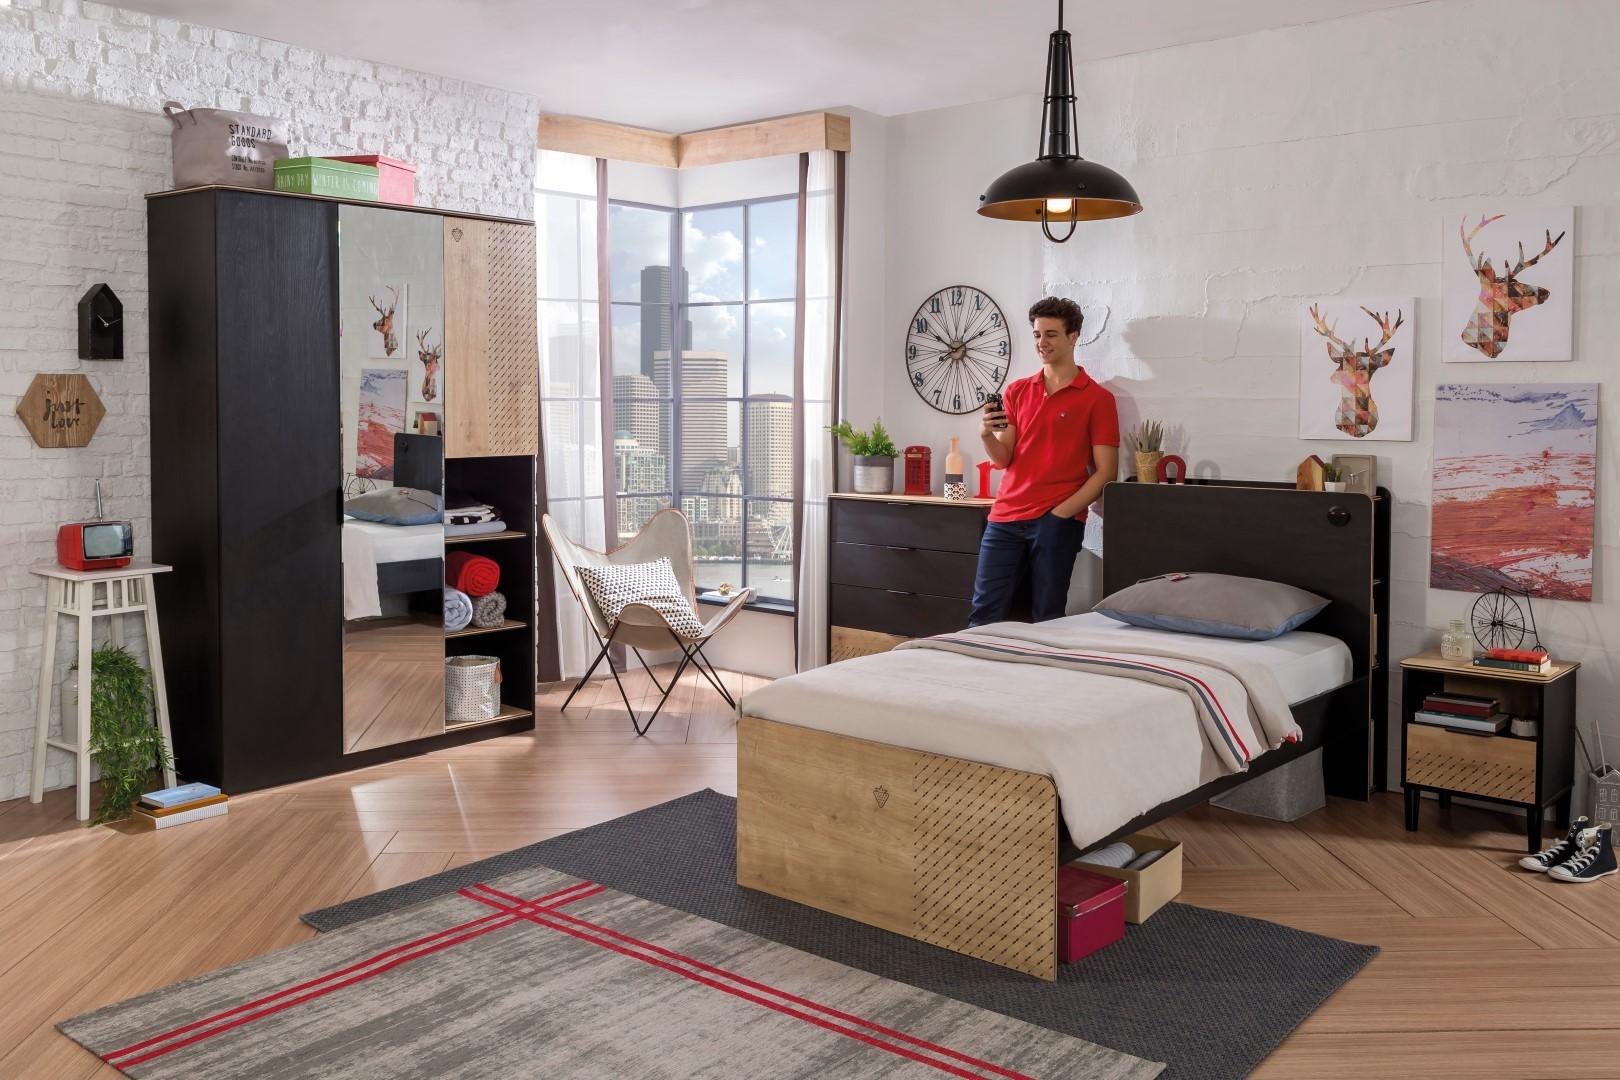 Slaapkamer New York : New york bedlade tienerkamer specialist in kinderkamers en slaapkamers